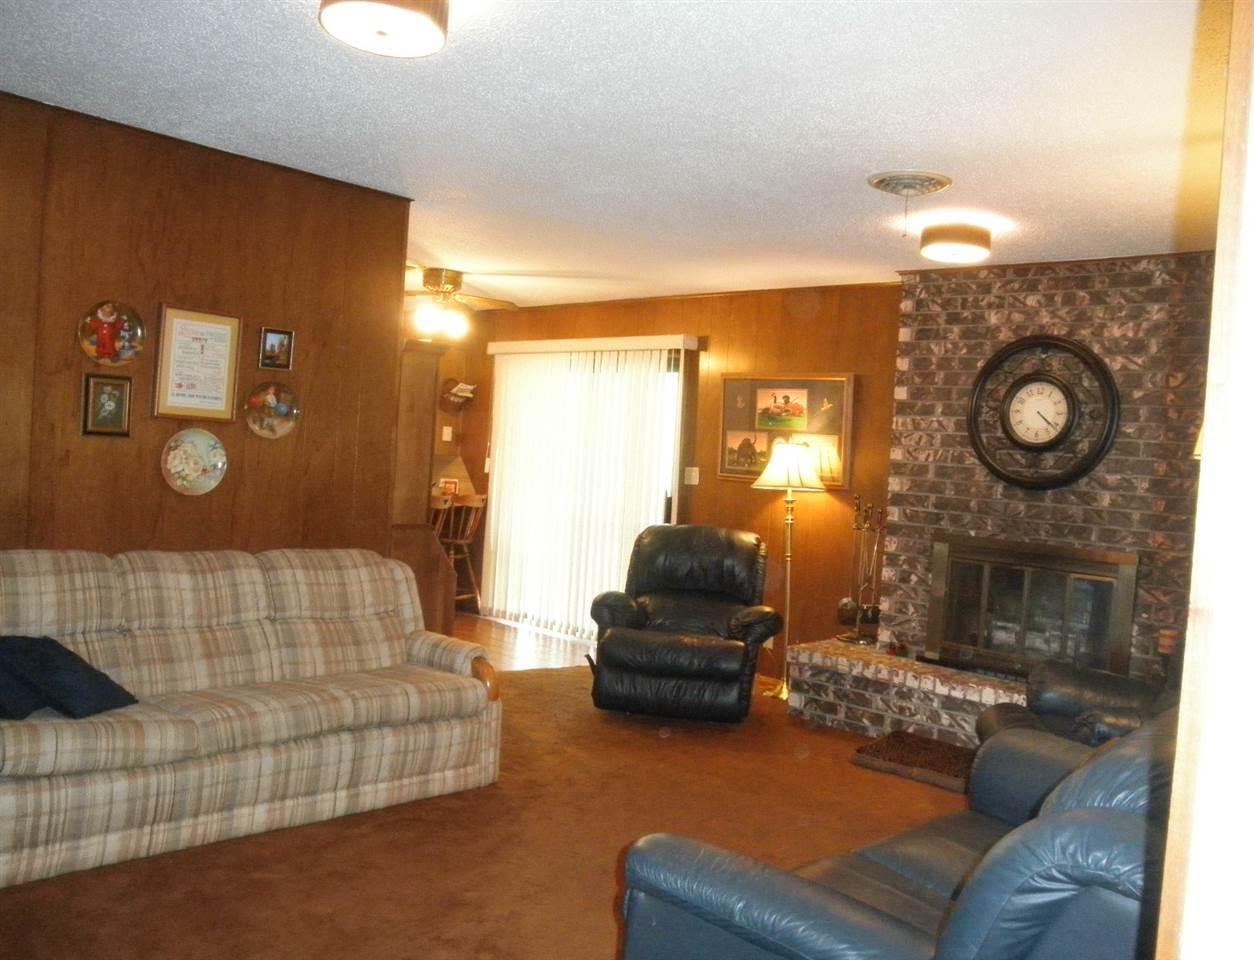 Sold Cross Sale W/ MLS | 1209 El Camino Ponca City, OK 74604 3